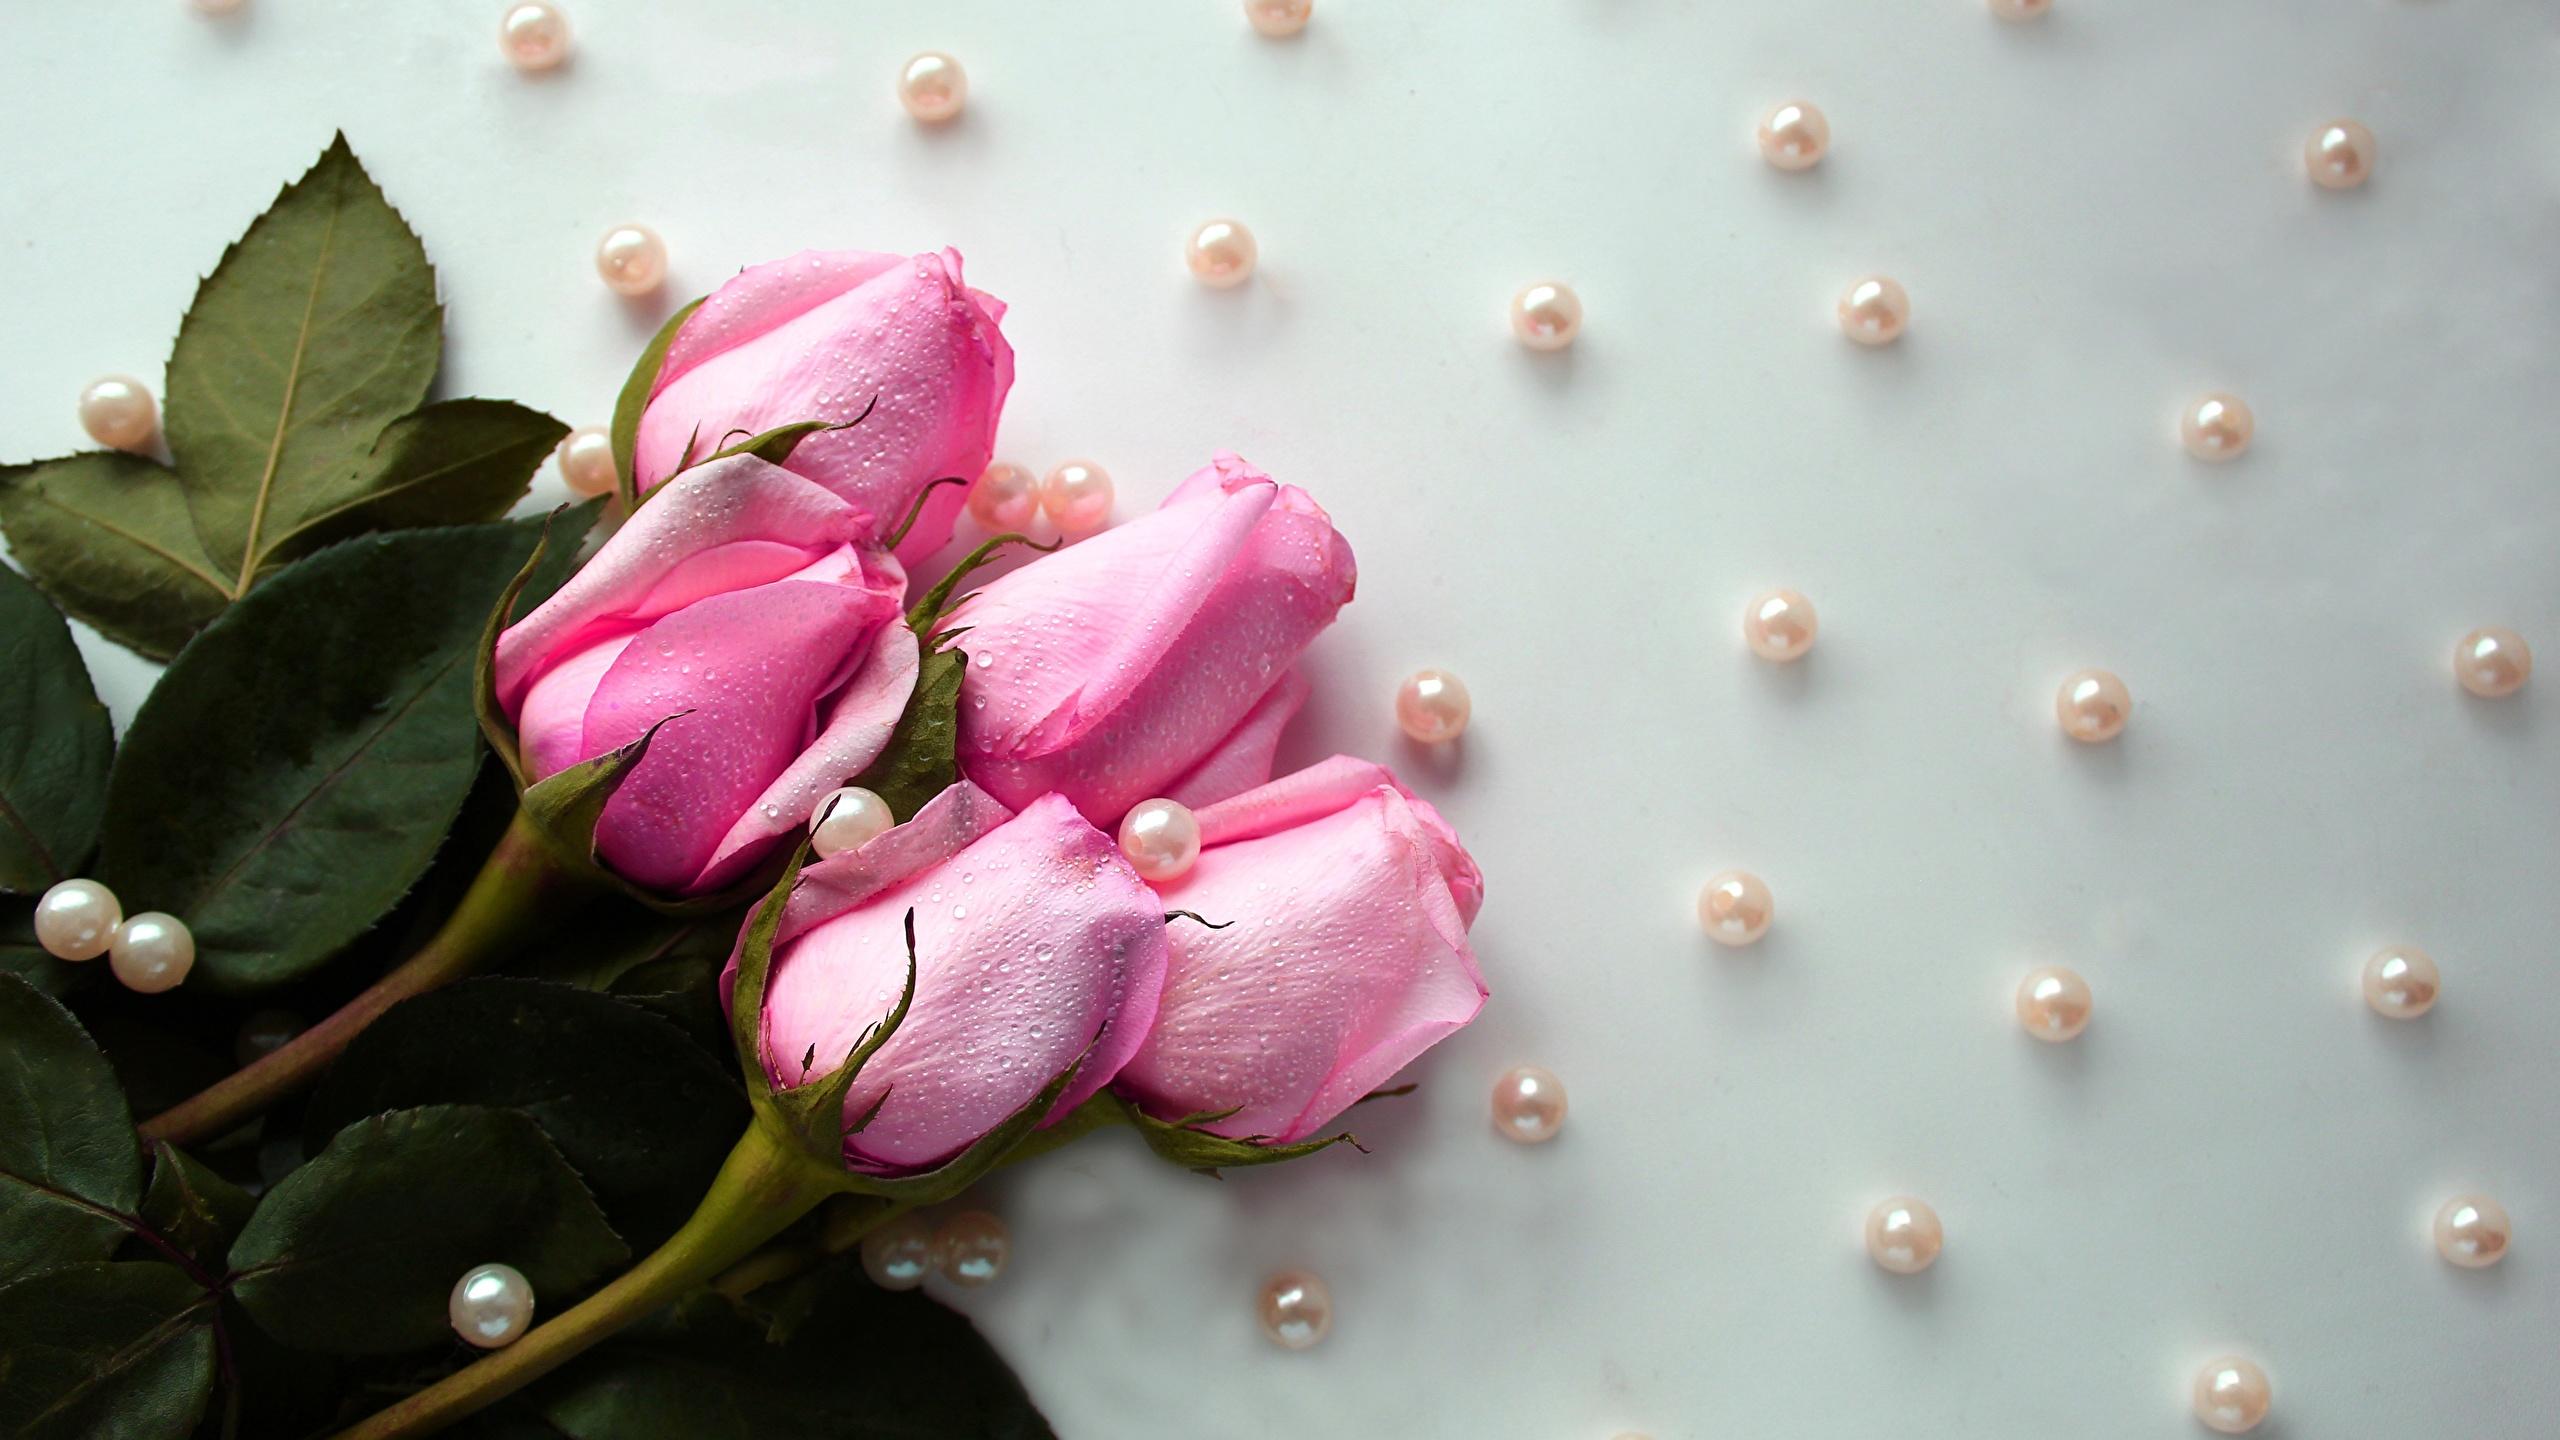 Обои капли, цветы, розовый цветок, цветы. Цветы foto 7